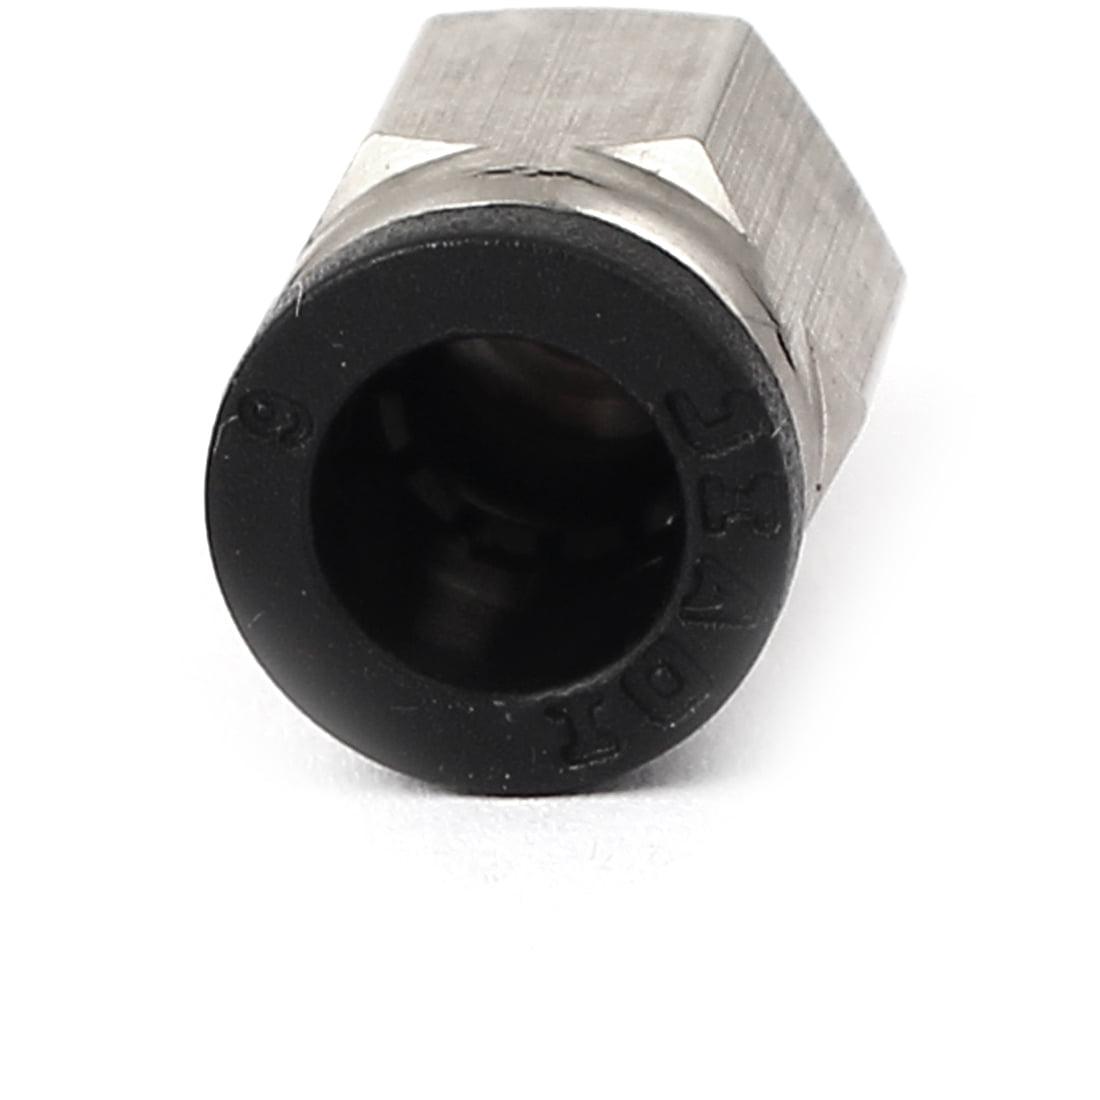 6mm pour M5 à pousser Pneumatique Air Raccord Rapide Pose Du Tube Coupler 10 pièces - image 1 de 2